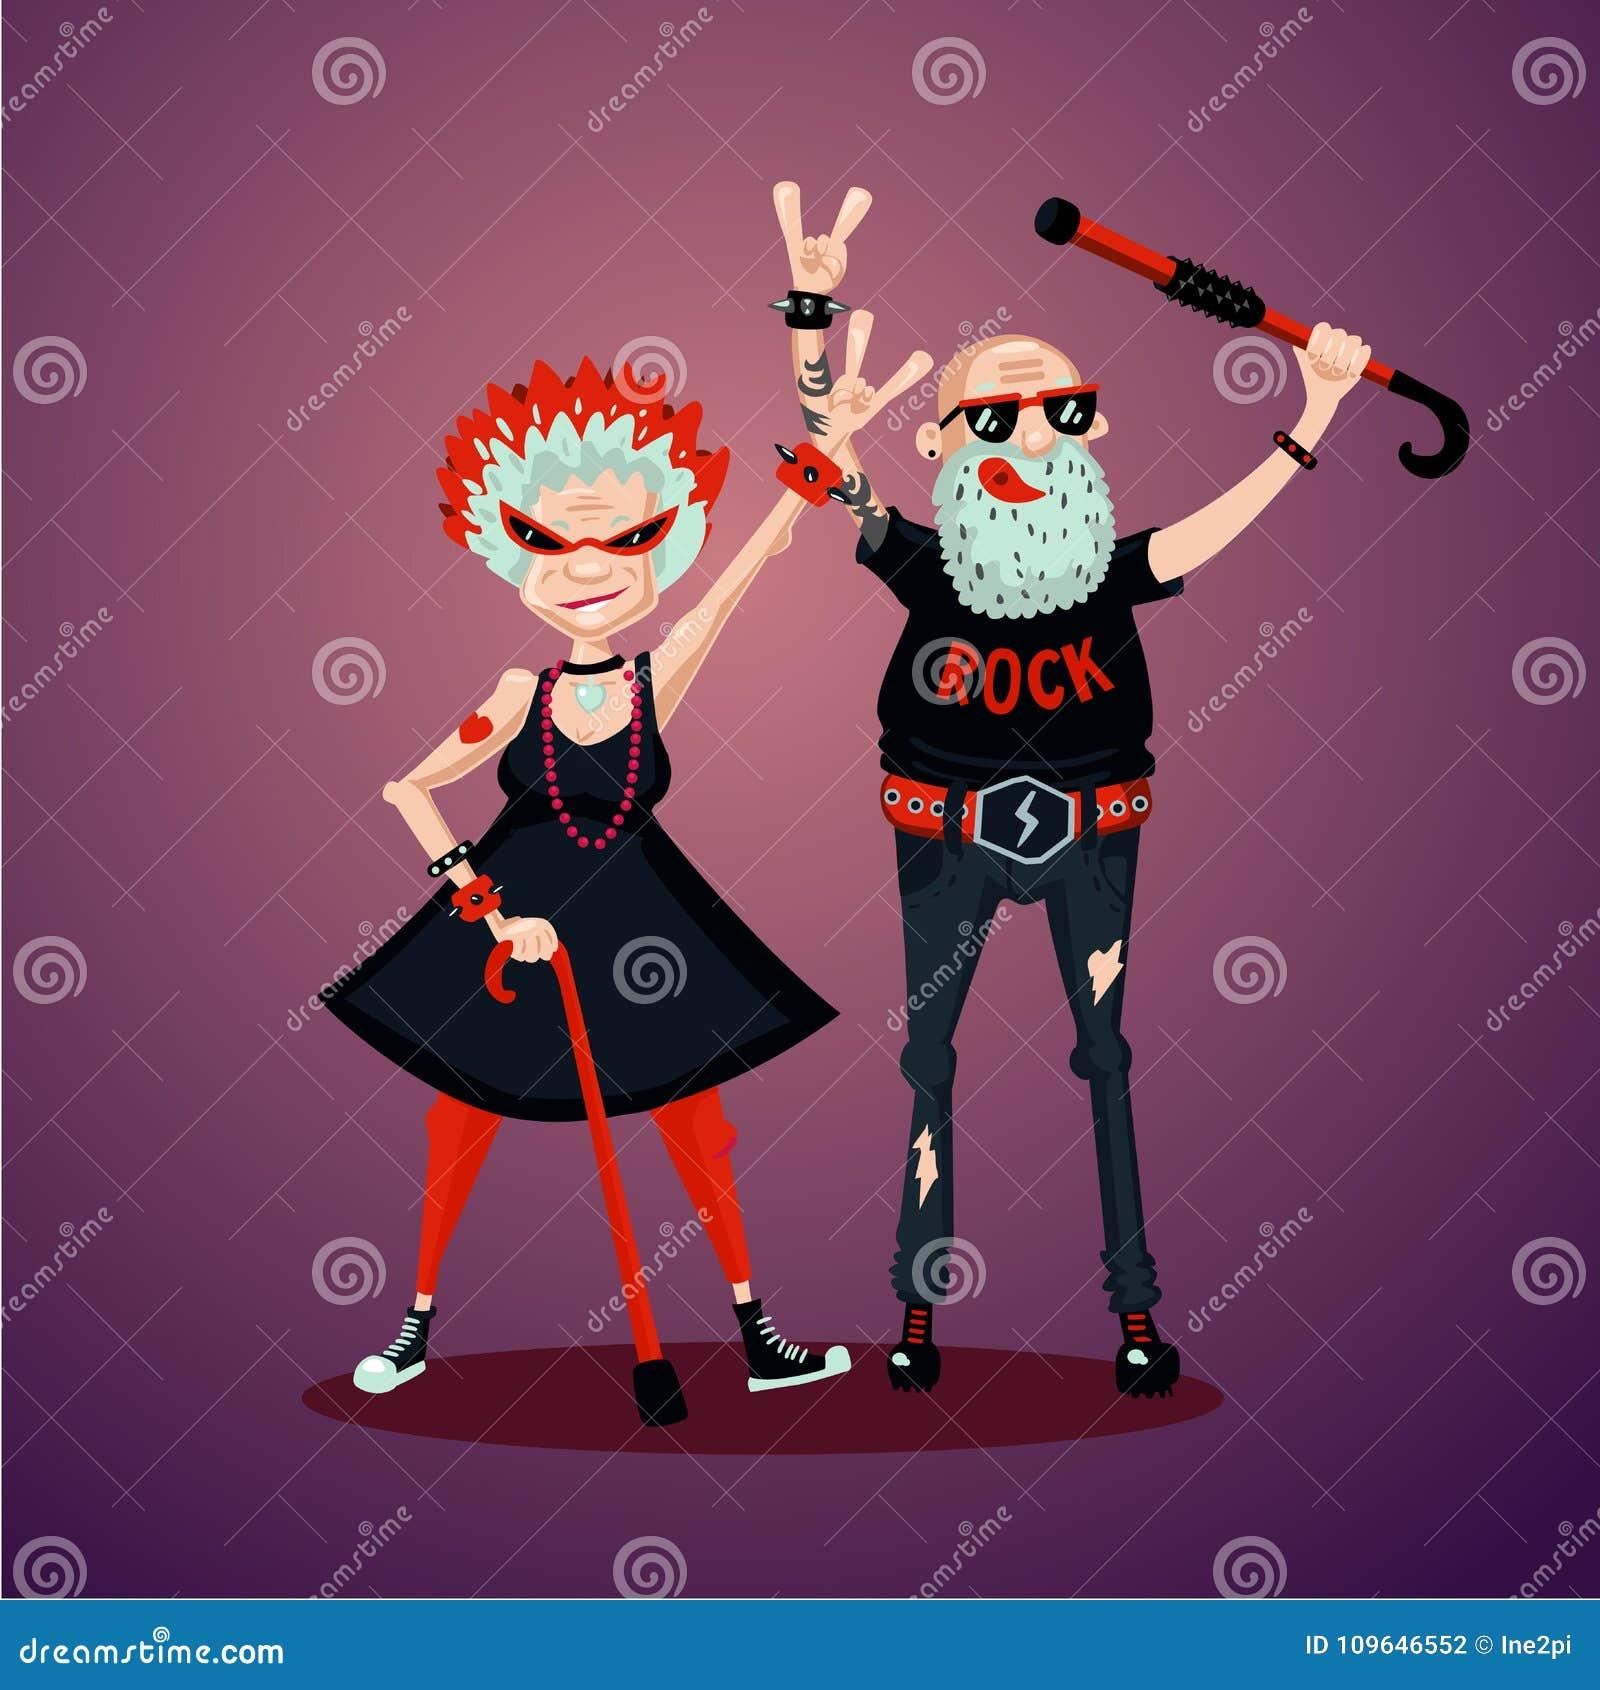 Старые friedns Старшие взрослые пары Фанатики рок-музыки Иллюстрация юмора, персонажи из мультфильма